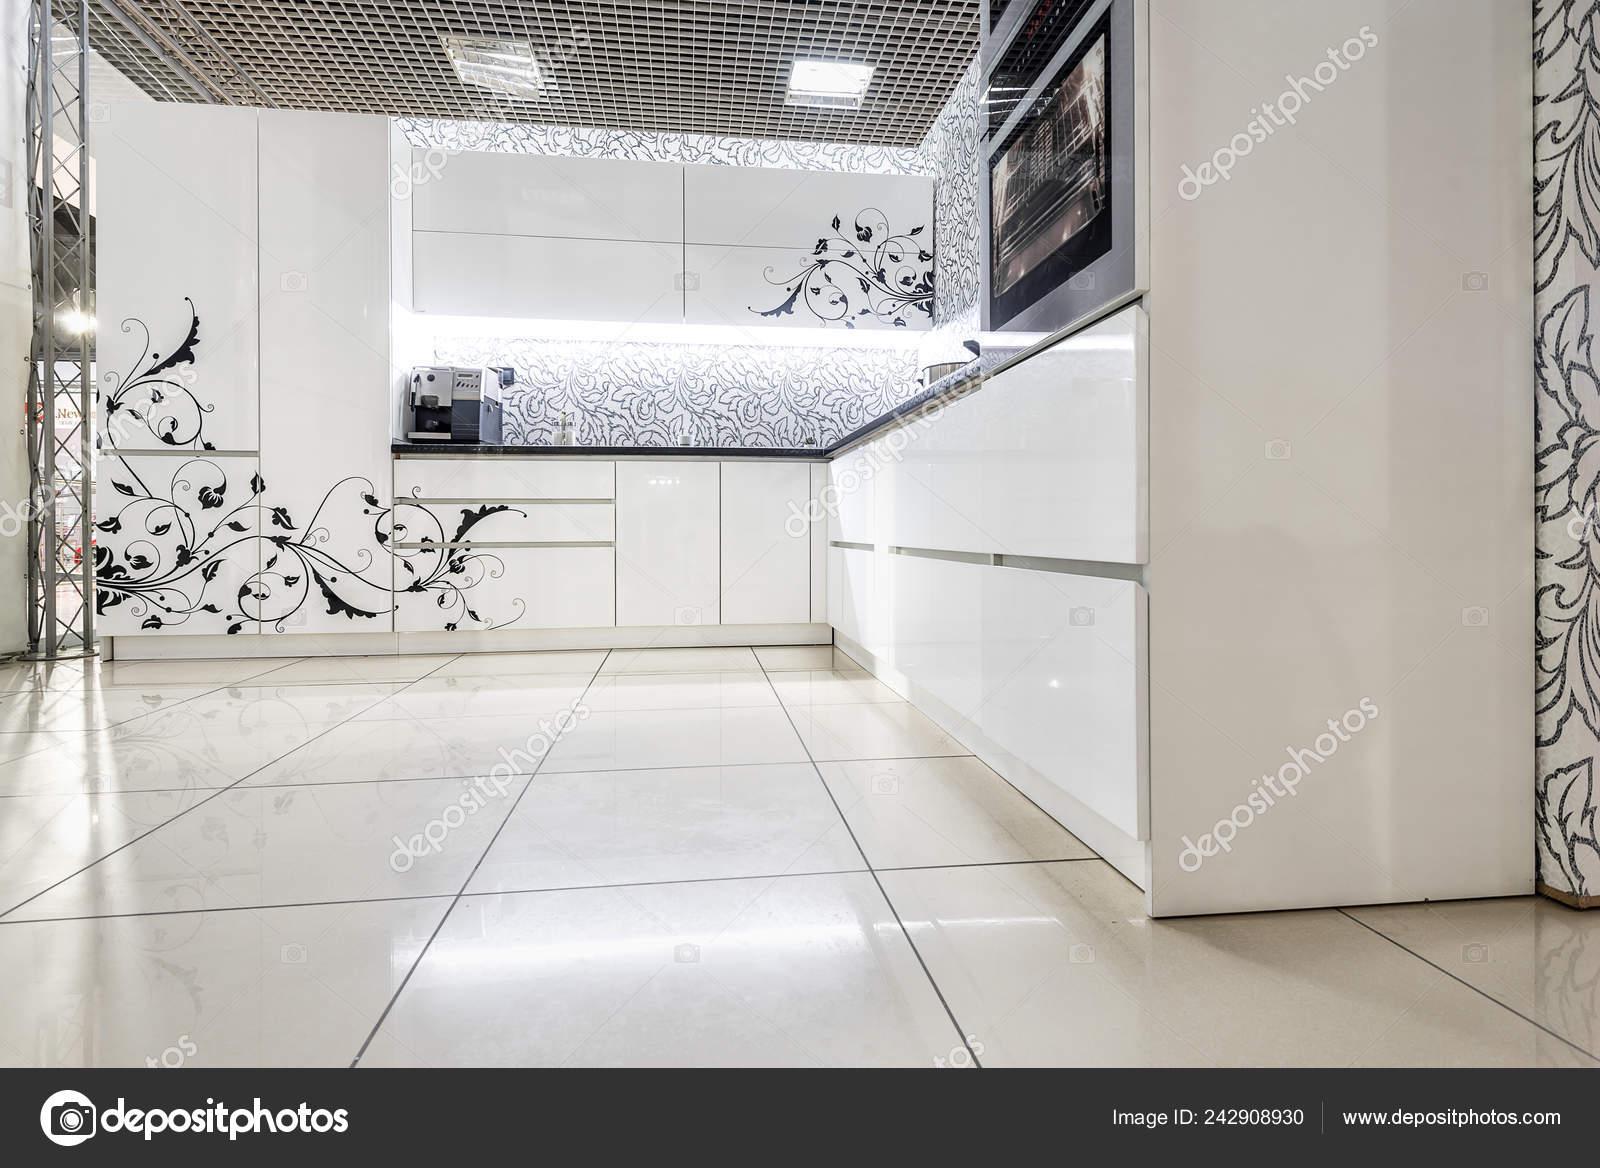 Muebles Cocina Blancos Superficie Delantera Pintada Material ...